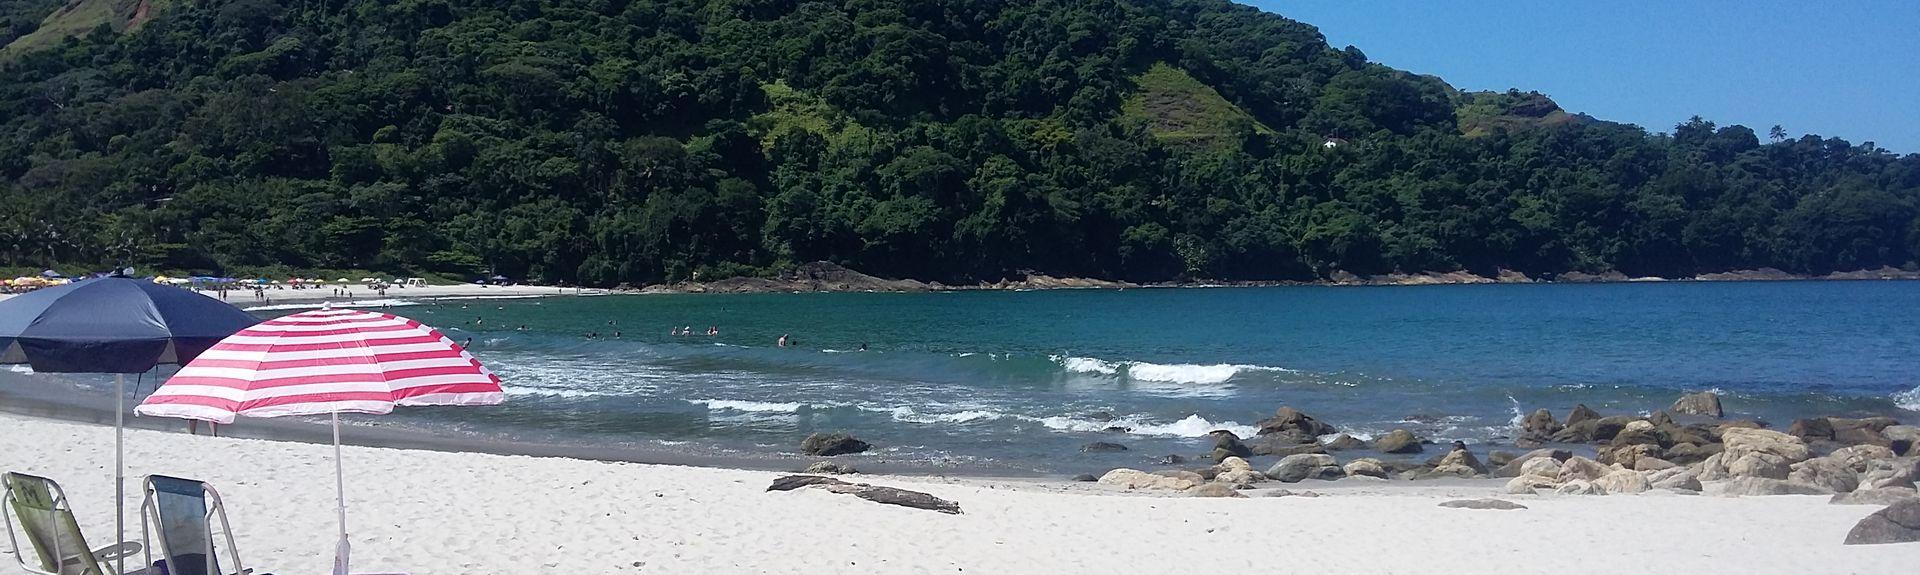 Praia Brava, São Sebastião, Região Sudeste, Brasil